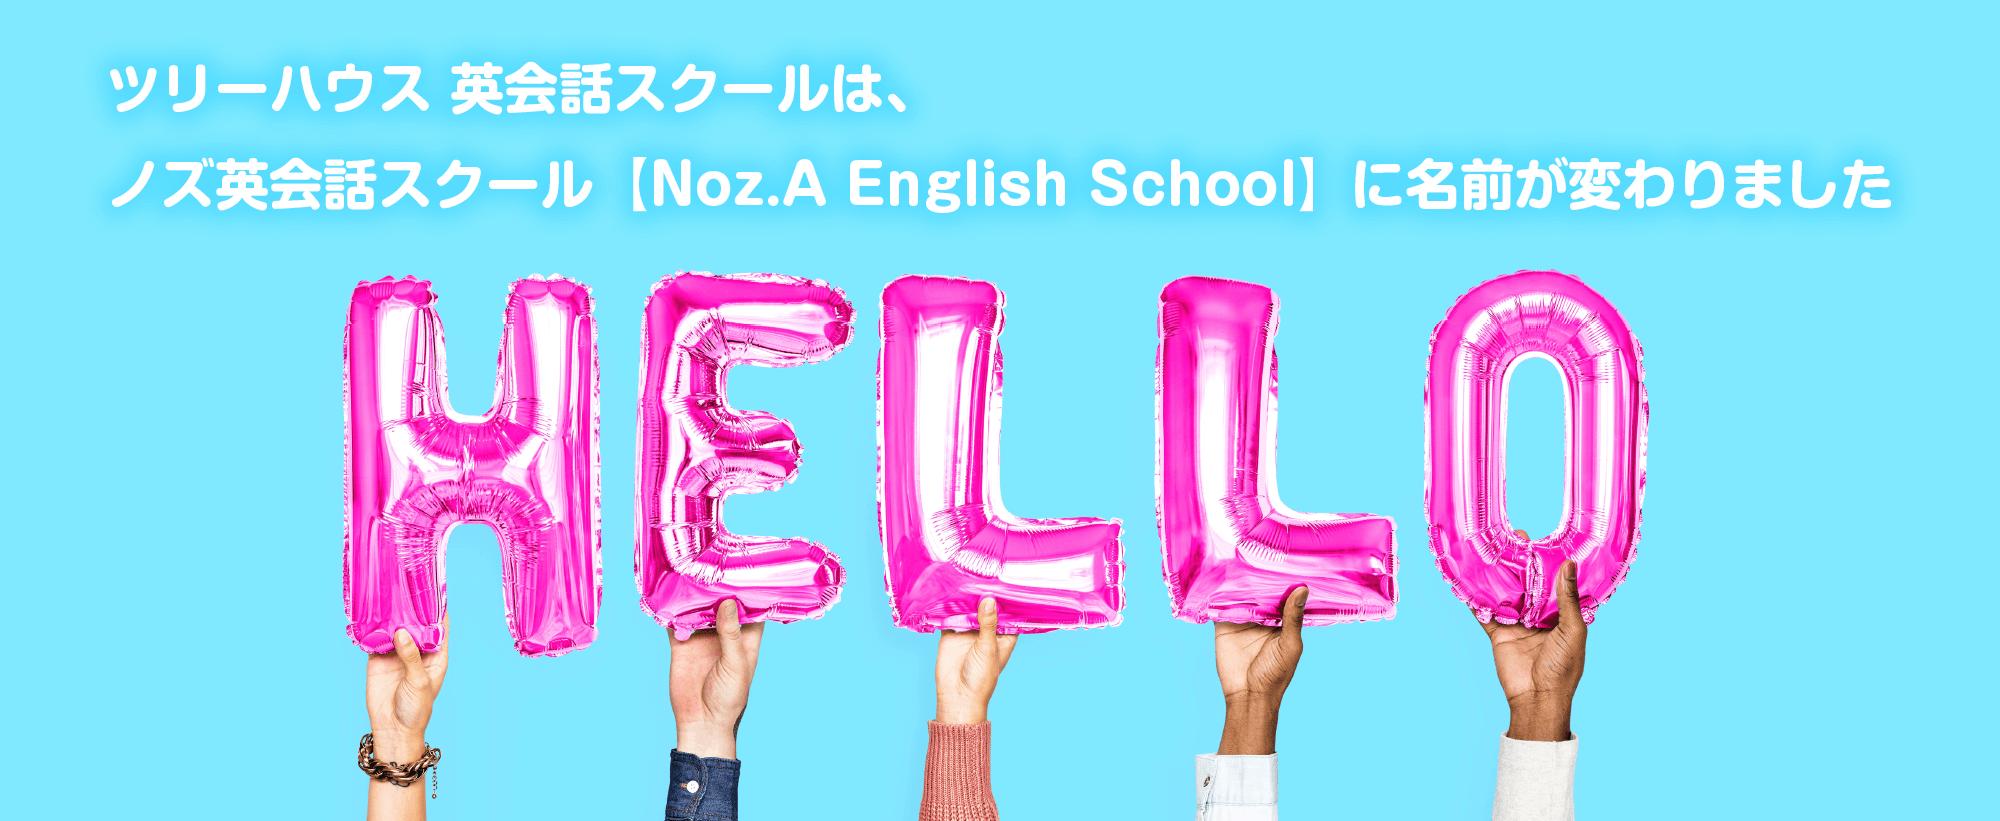 「ツリーハウス英会話教室」は「ノズ英会話スクール(Noz.A English School)」に名前が変わりました。